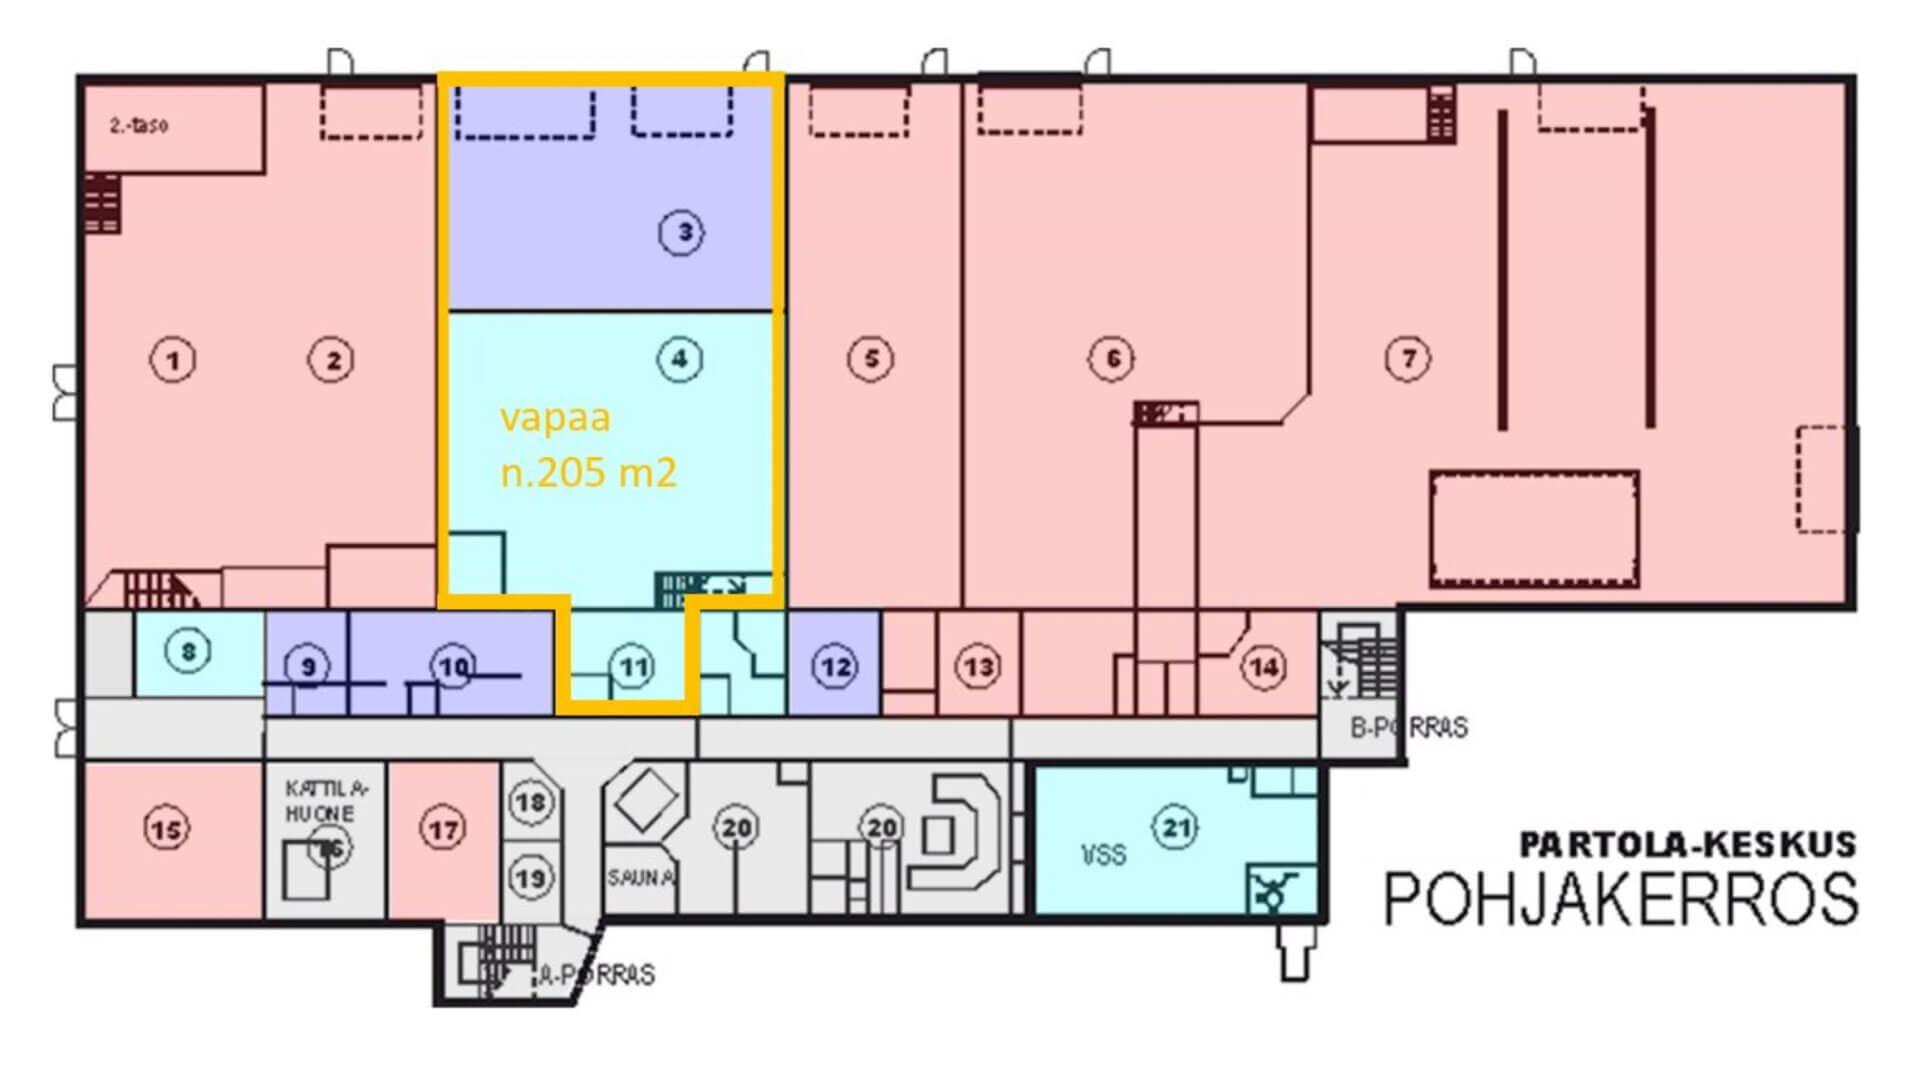 Partolakeskus I Pirkkala 4